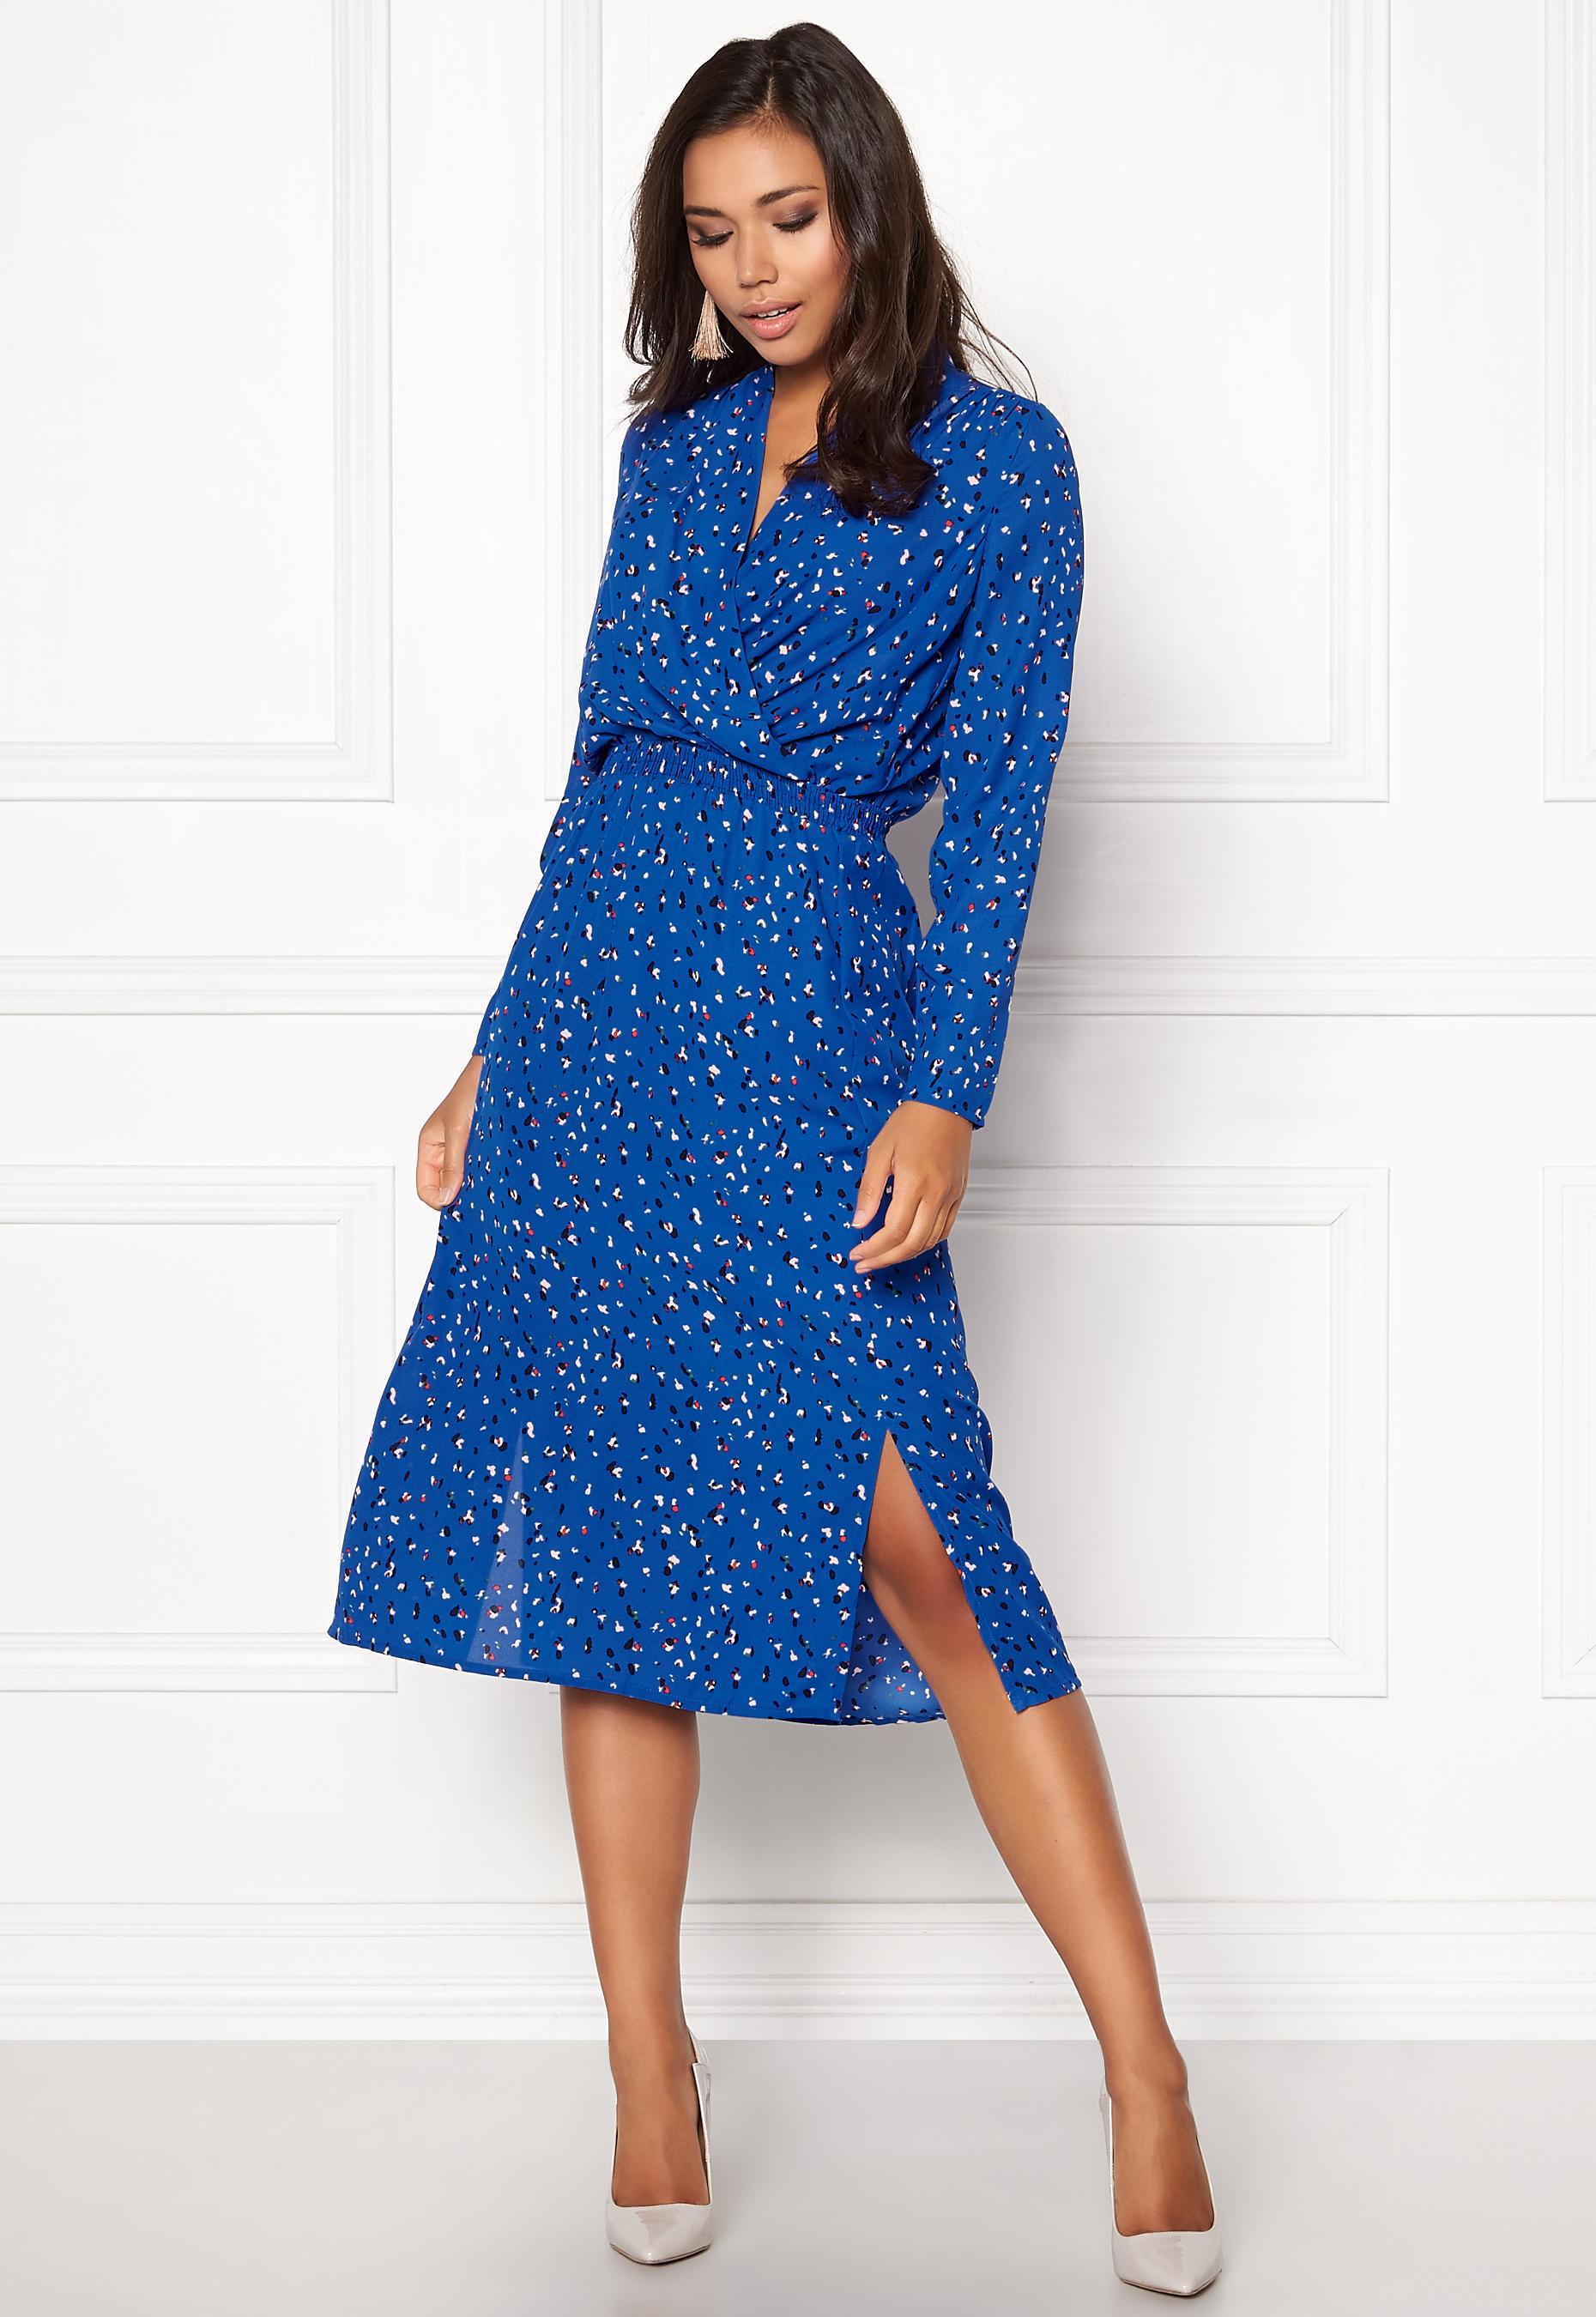 Blue dress vero moda